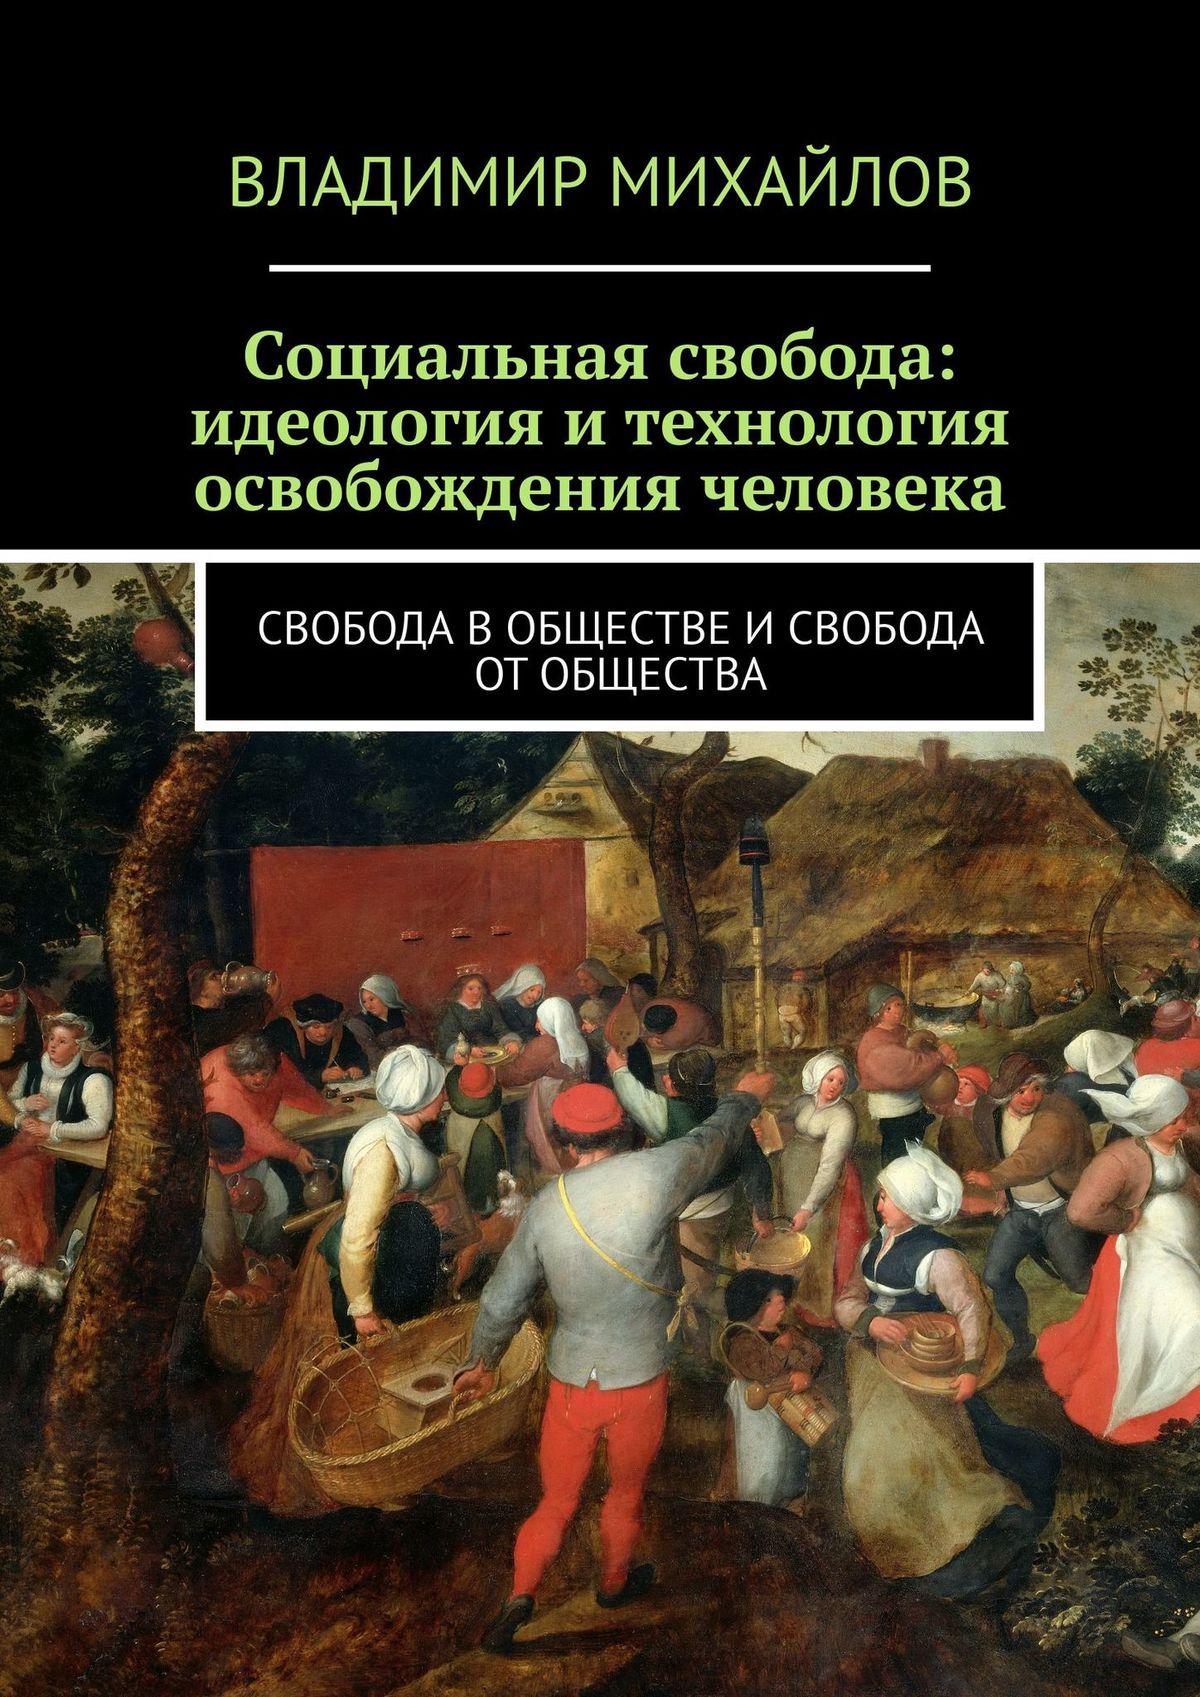 Владимир Михайлов Социальная свобода: идеология итехнология освобождения человека. Свобода в обществе и свобода от общества